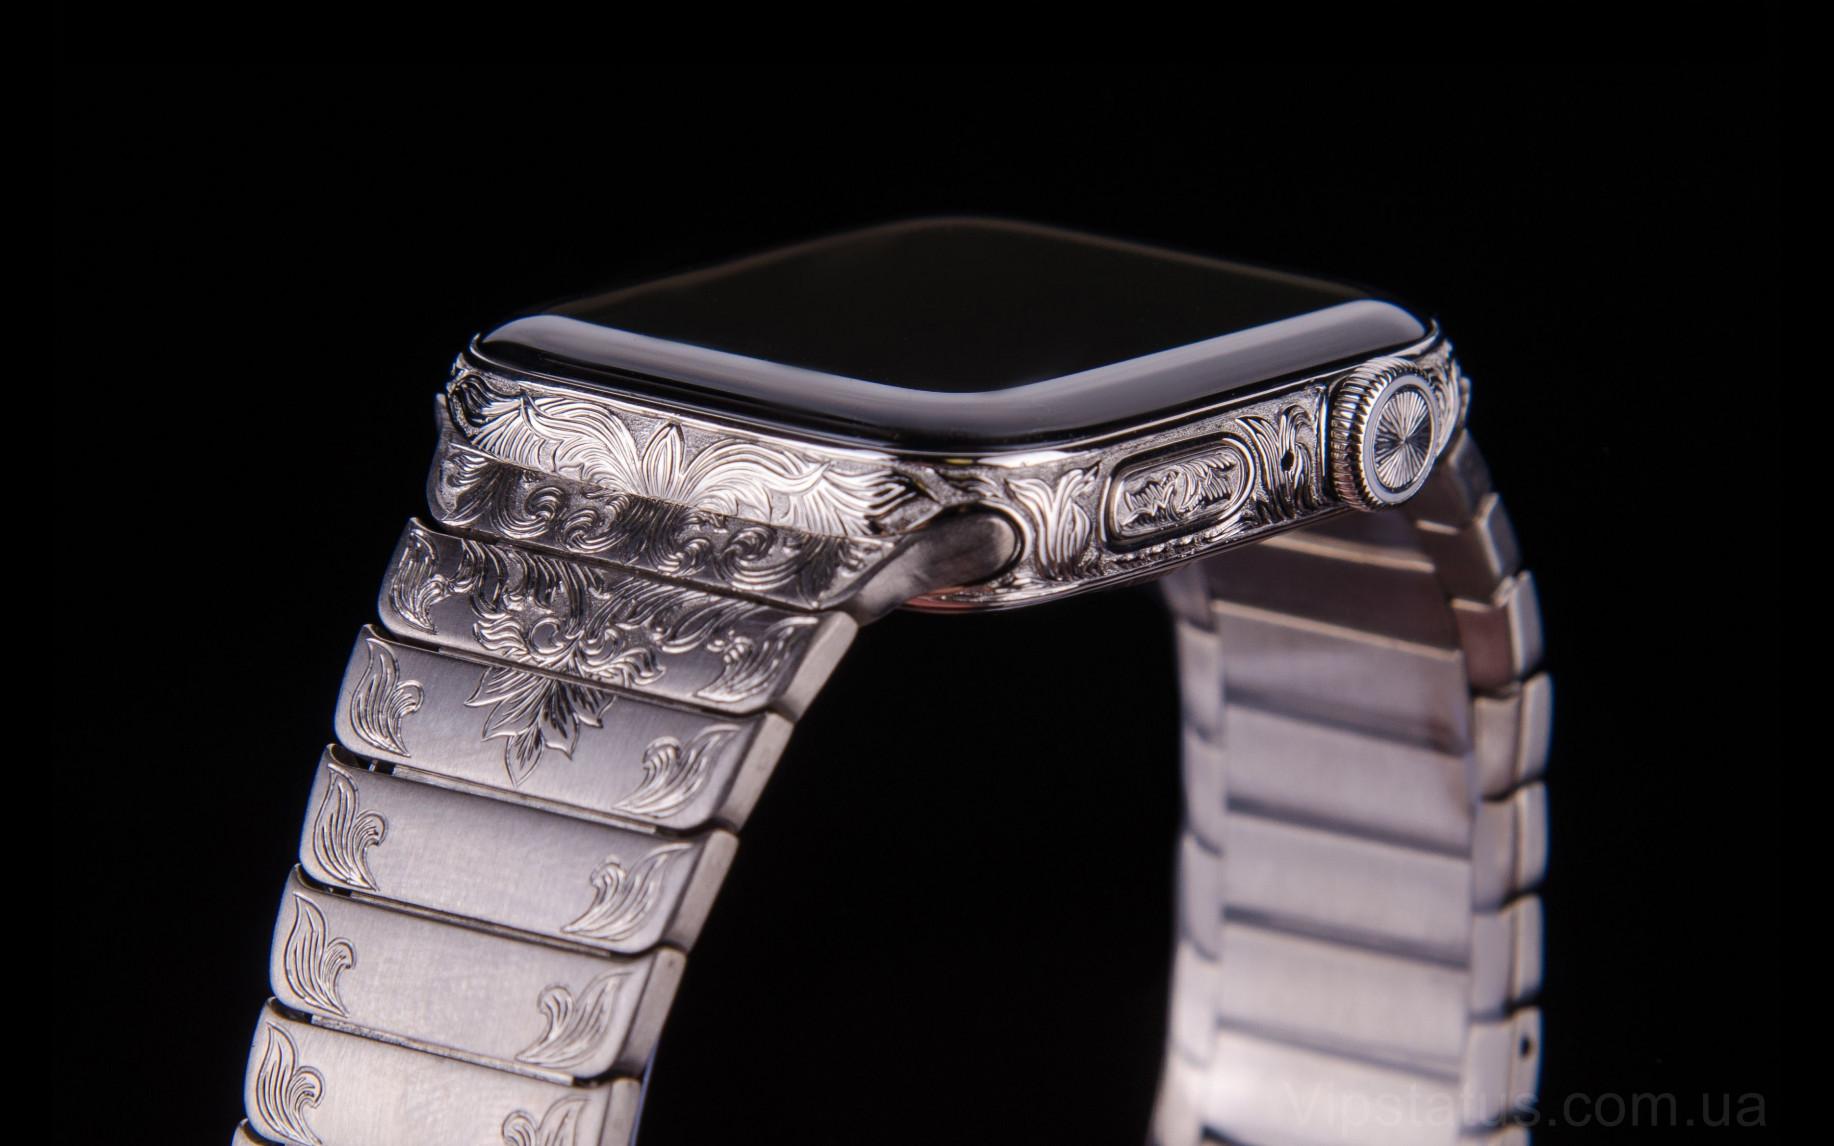 Elite Platinum Star Apple Watch 5 Platinum Star Apple Watch 5 image 2